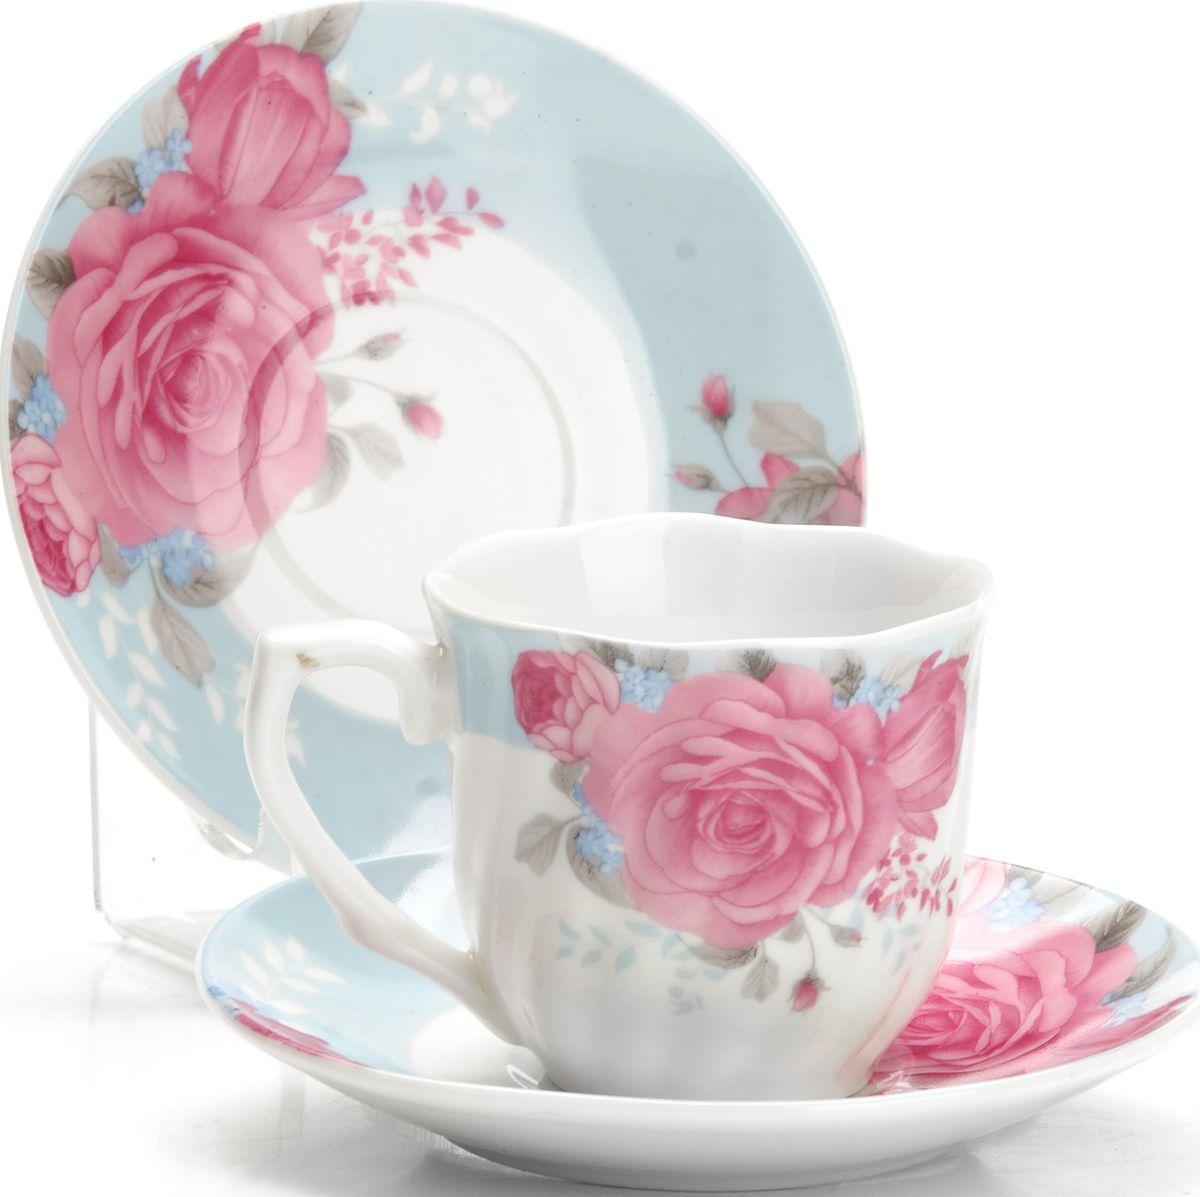 Набор кофейный Loraine, 12 предметов. 4333025958Кофейный сервиз на 6 персон изготовлен из качественного фарфора и оформлен красивым цветочным рисунком. Элегантный и удобный кофейный сервиз не только украсит сервировку стола, но и поднимет настроение и превратит процесс чаепития в одно удовольствие.Сервиз состоит из 12 предметов: шести чашек и шести блюдец, упакованных в подарочную коробку. Чашки имеют удобную, изящную ручку. Изделия легко и просто мыть. Кофейный сервиз прекрасно подойдет в качестве подарка для родных и друзей на любой праздник!Диаметр чашки: 6 см.Высота чашки: 5,5 см.Объем чашки: 80 мл.Диаметр блюдца: 11 см.